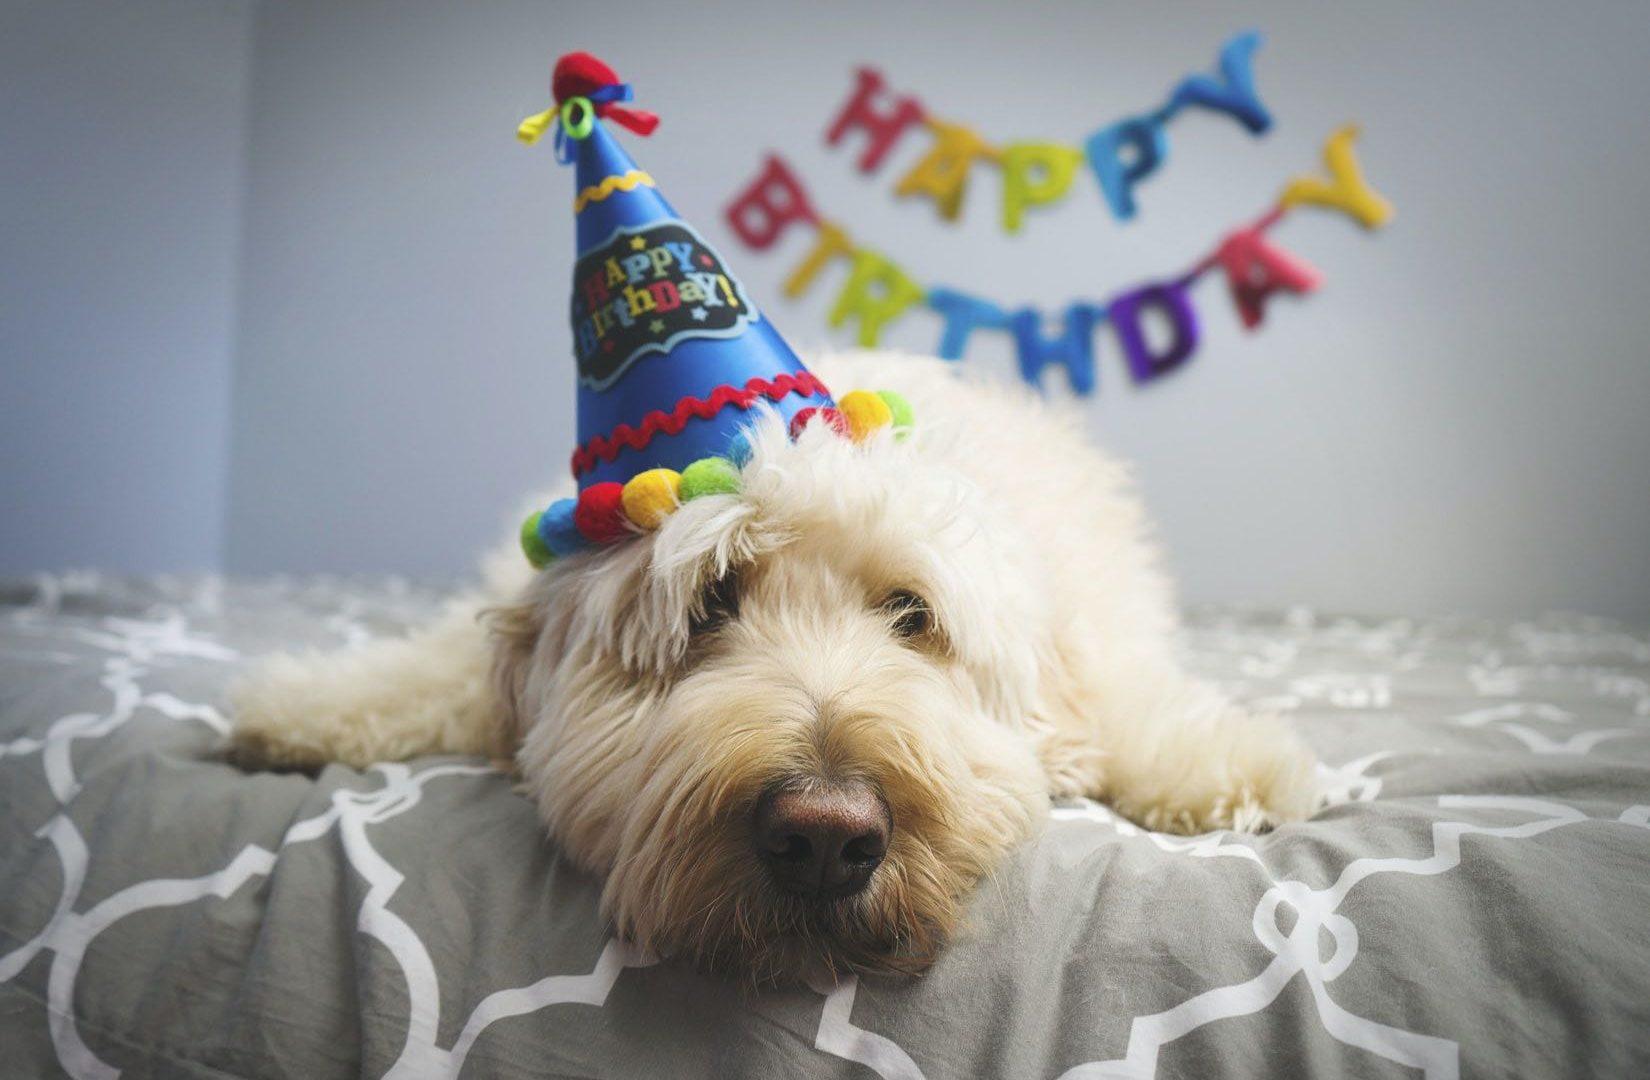 愛犬と最高のお誕生日旅行を!愛犬の誕生日におすすめしたいペットと泊まれる宿10選